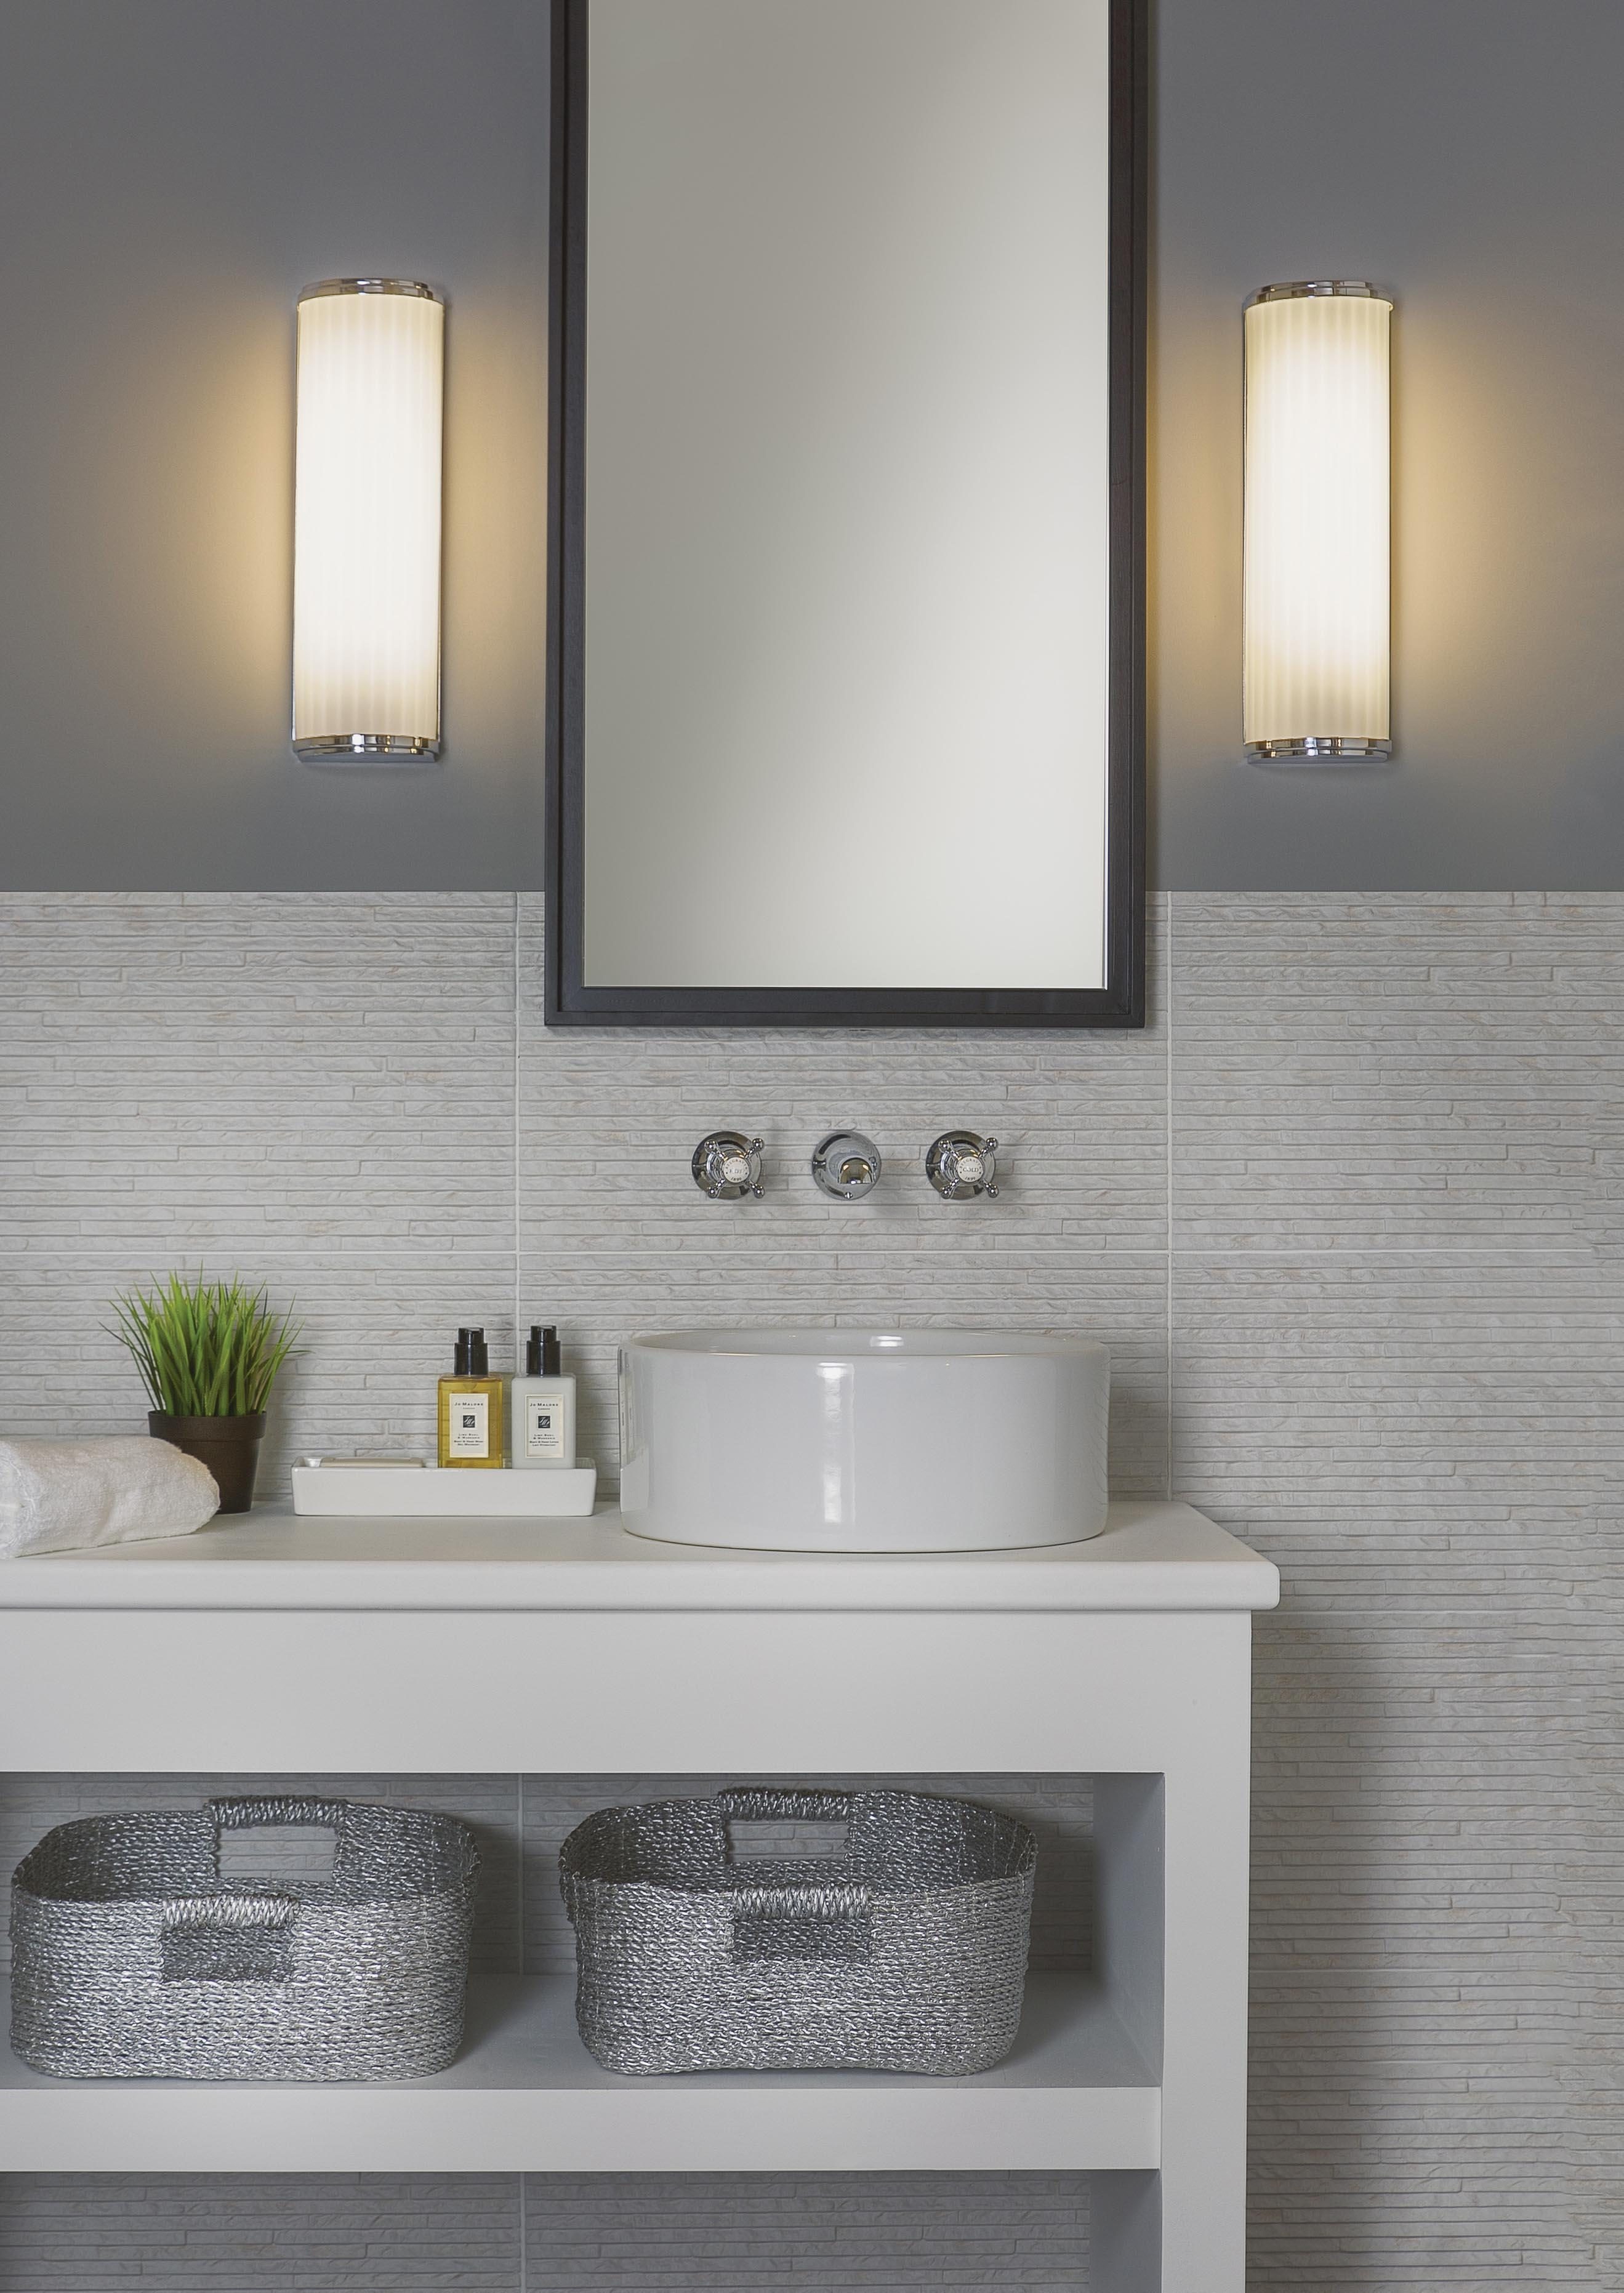 MONZA applique da bagno cromata con vetro satinato bianco